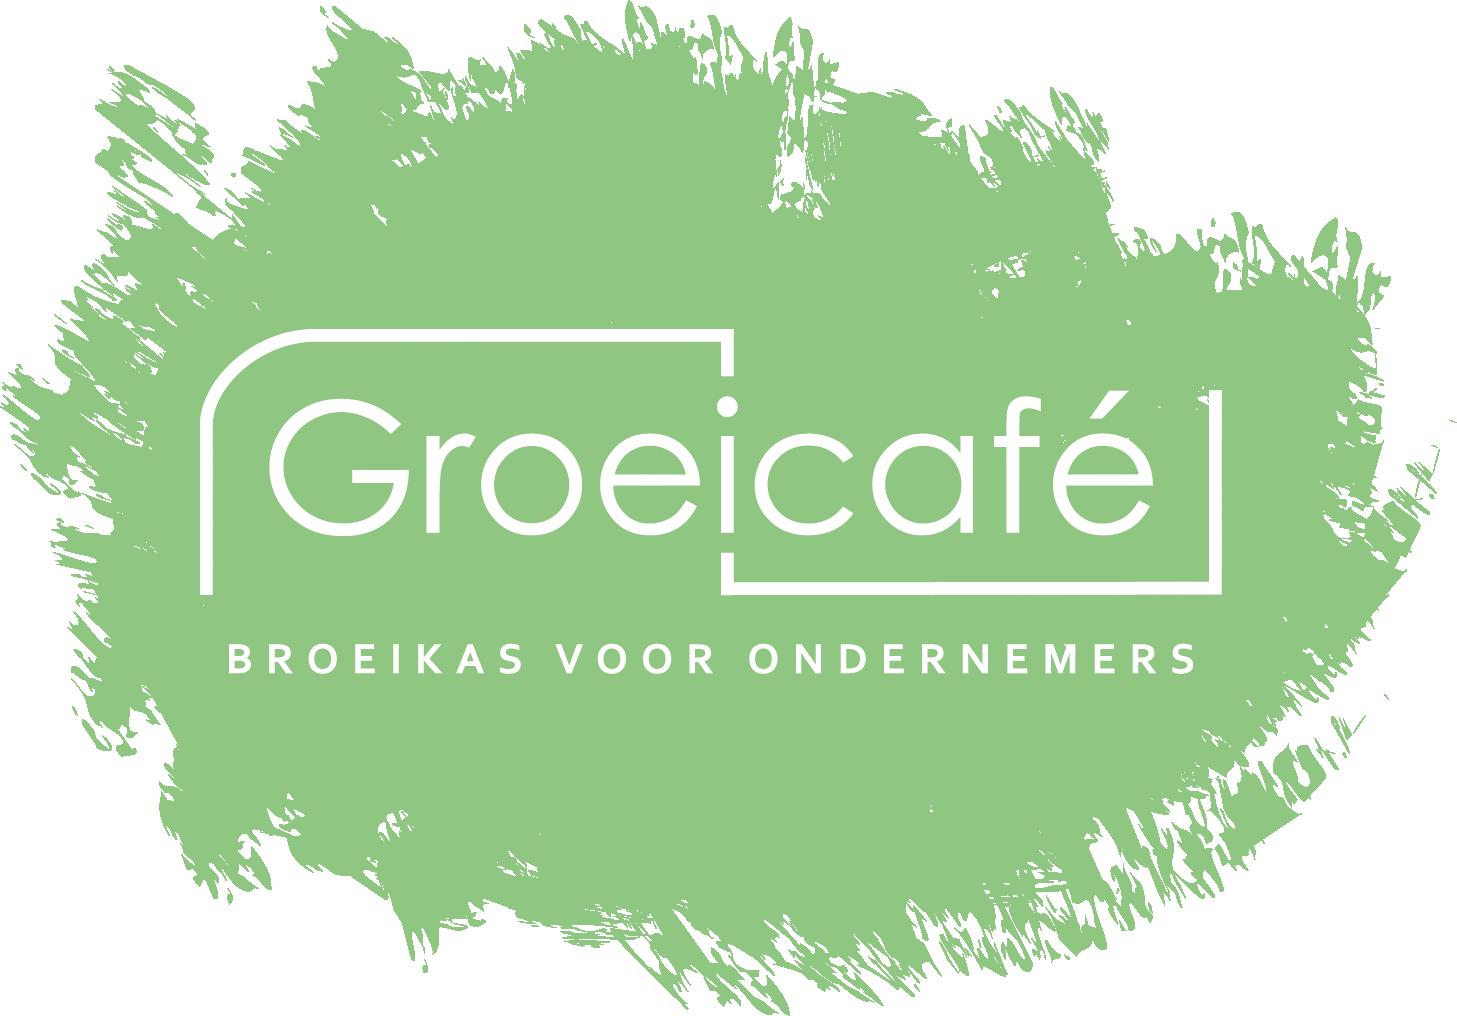 Groeicafé